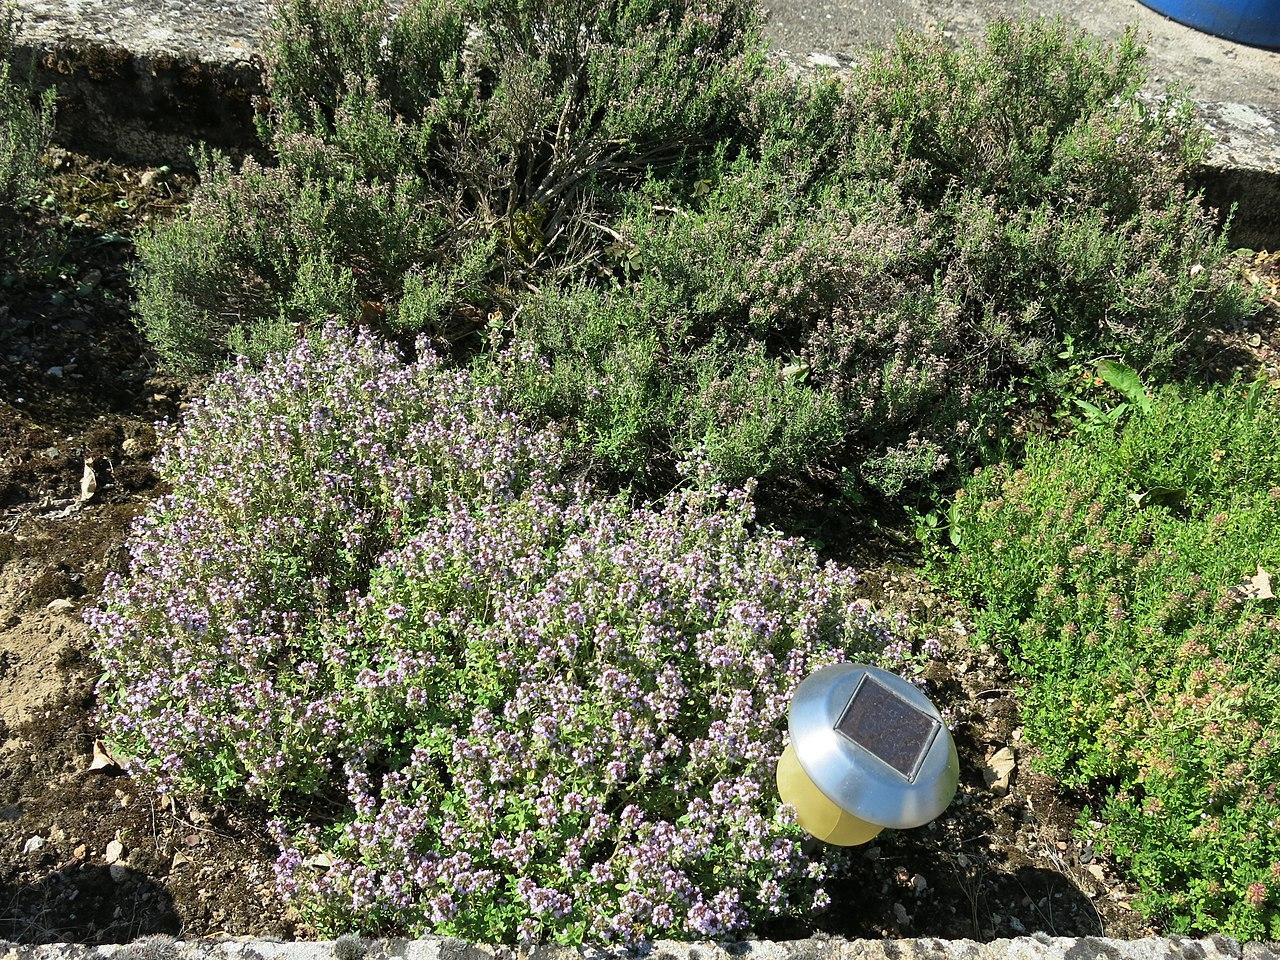 Plantar tomillo en el jardín es una tarea sencilla